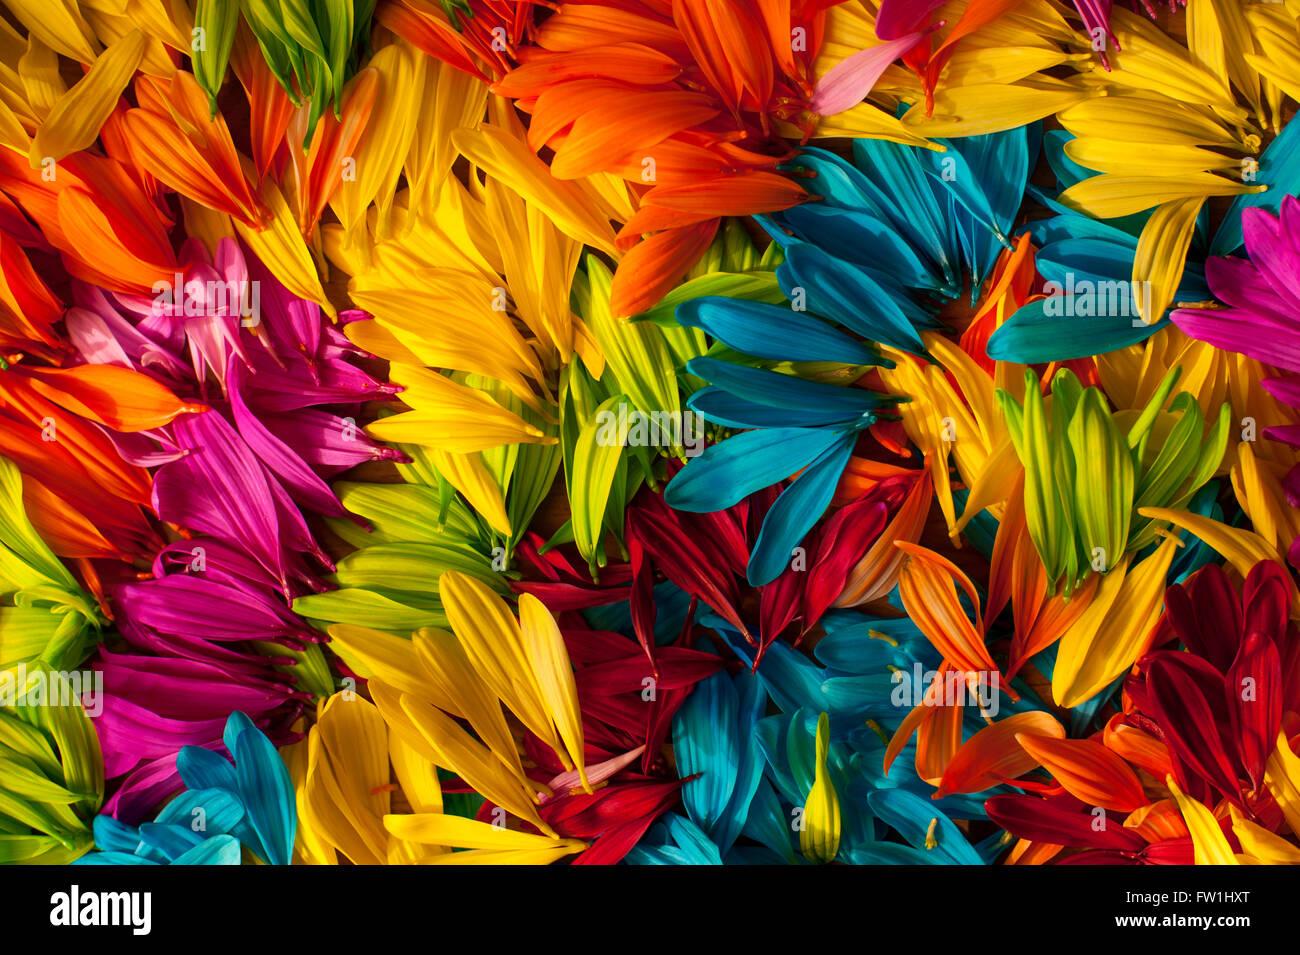 Daisy multicolori petali di close-up Immagini Stock